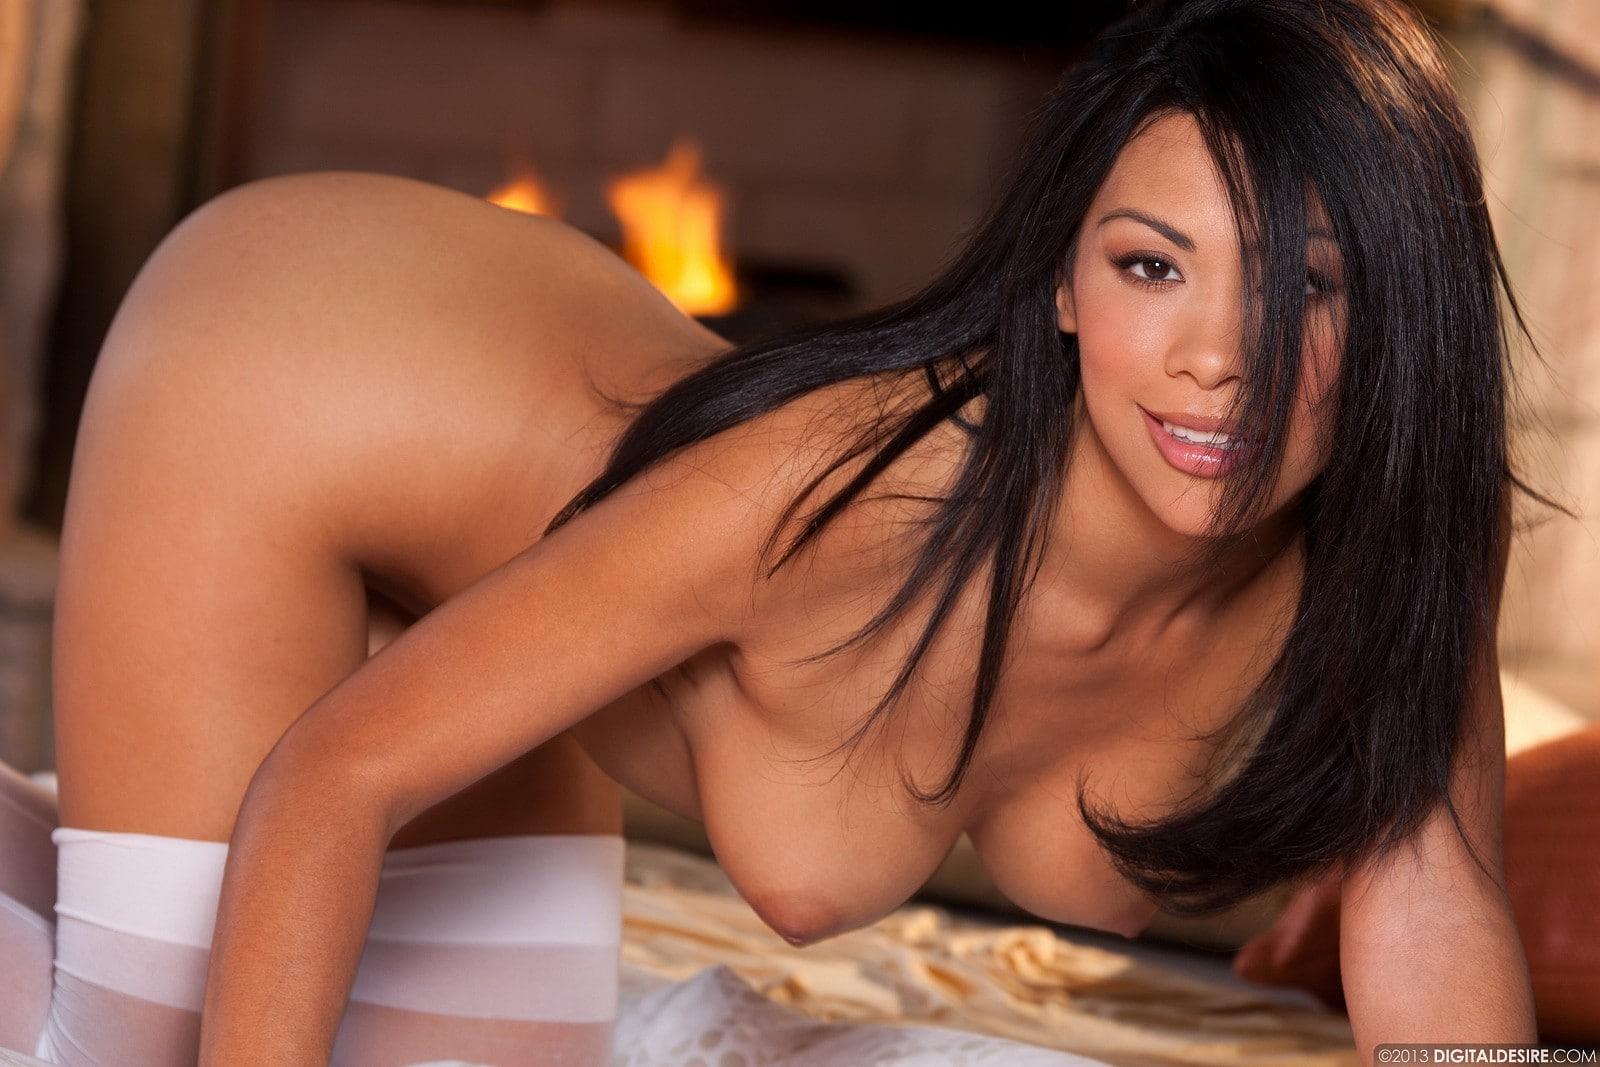 naked beauty pics